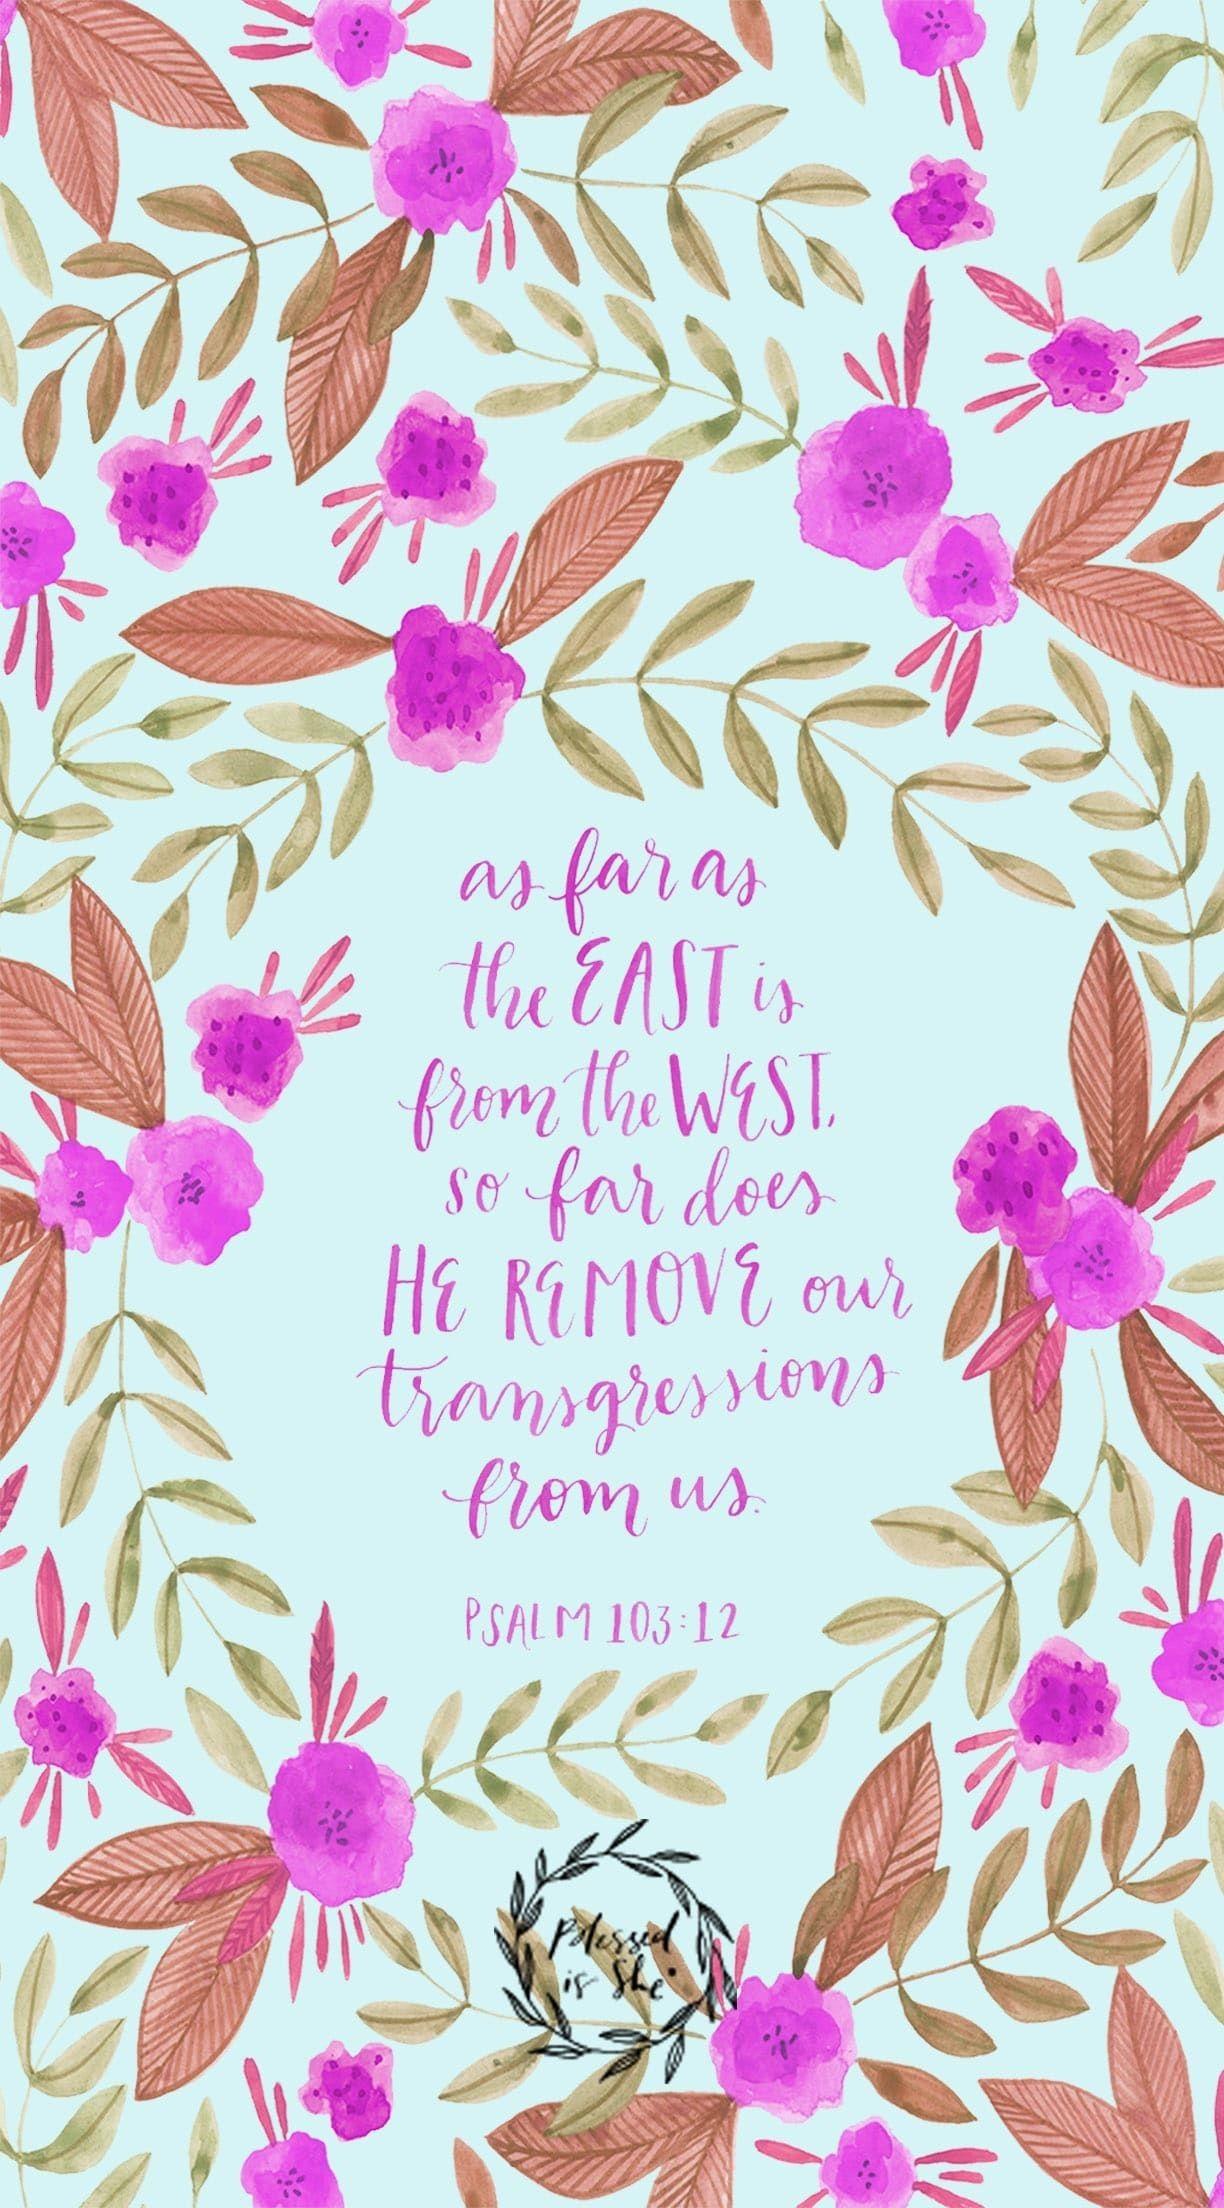 kjv verses images